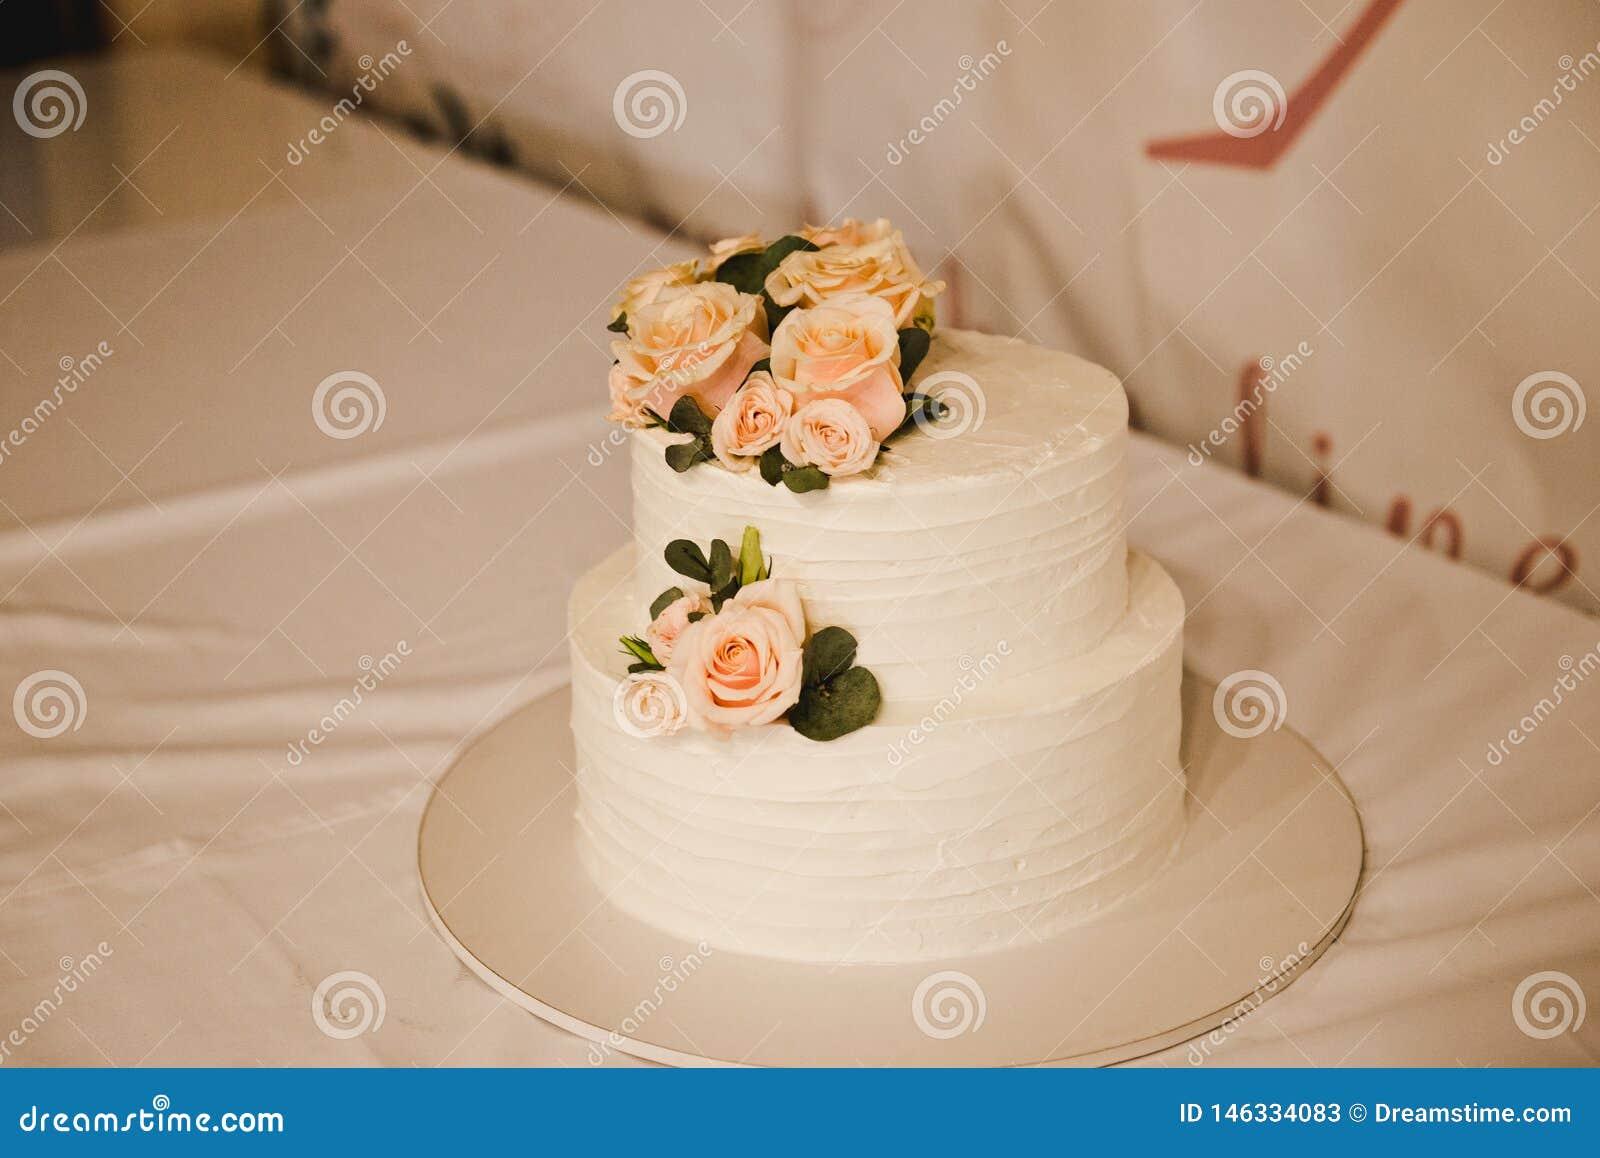 与花,桃红色橙色花,床铺的欢乐婚宴喜饼,美丽